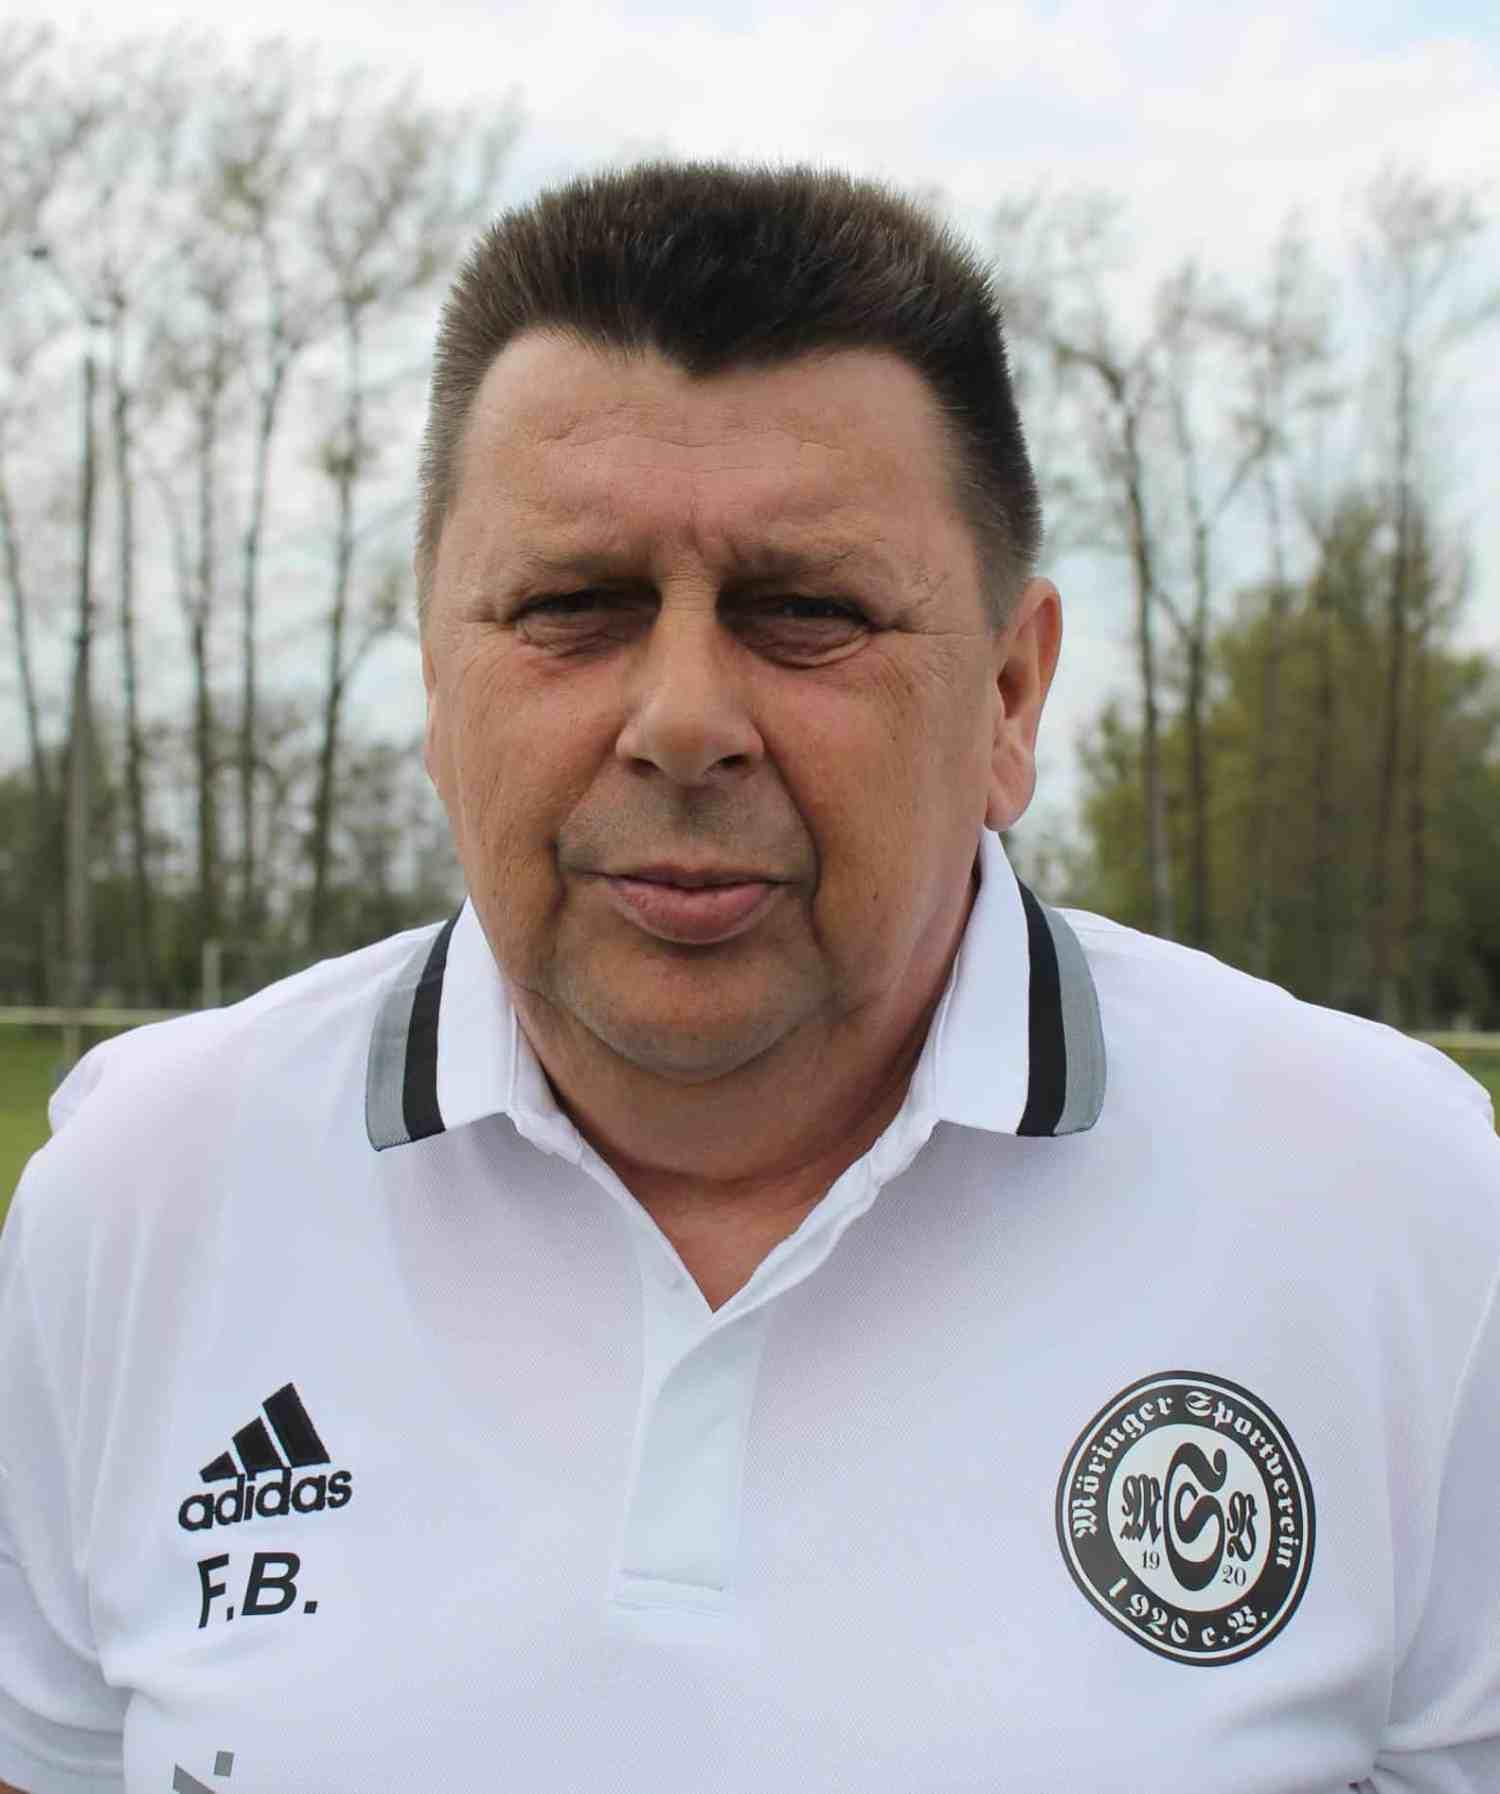 Frank Berr